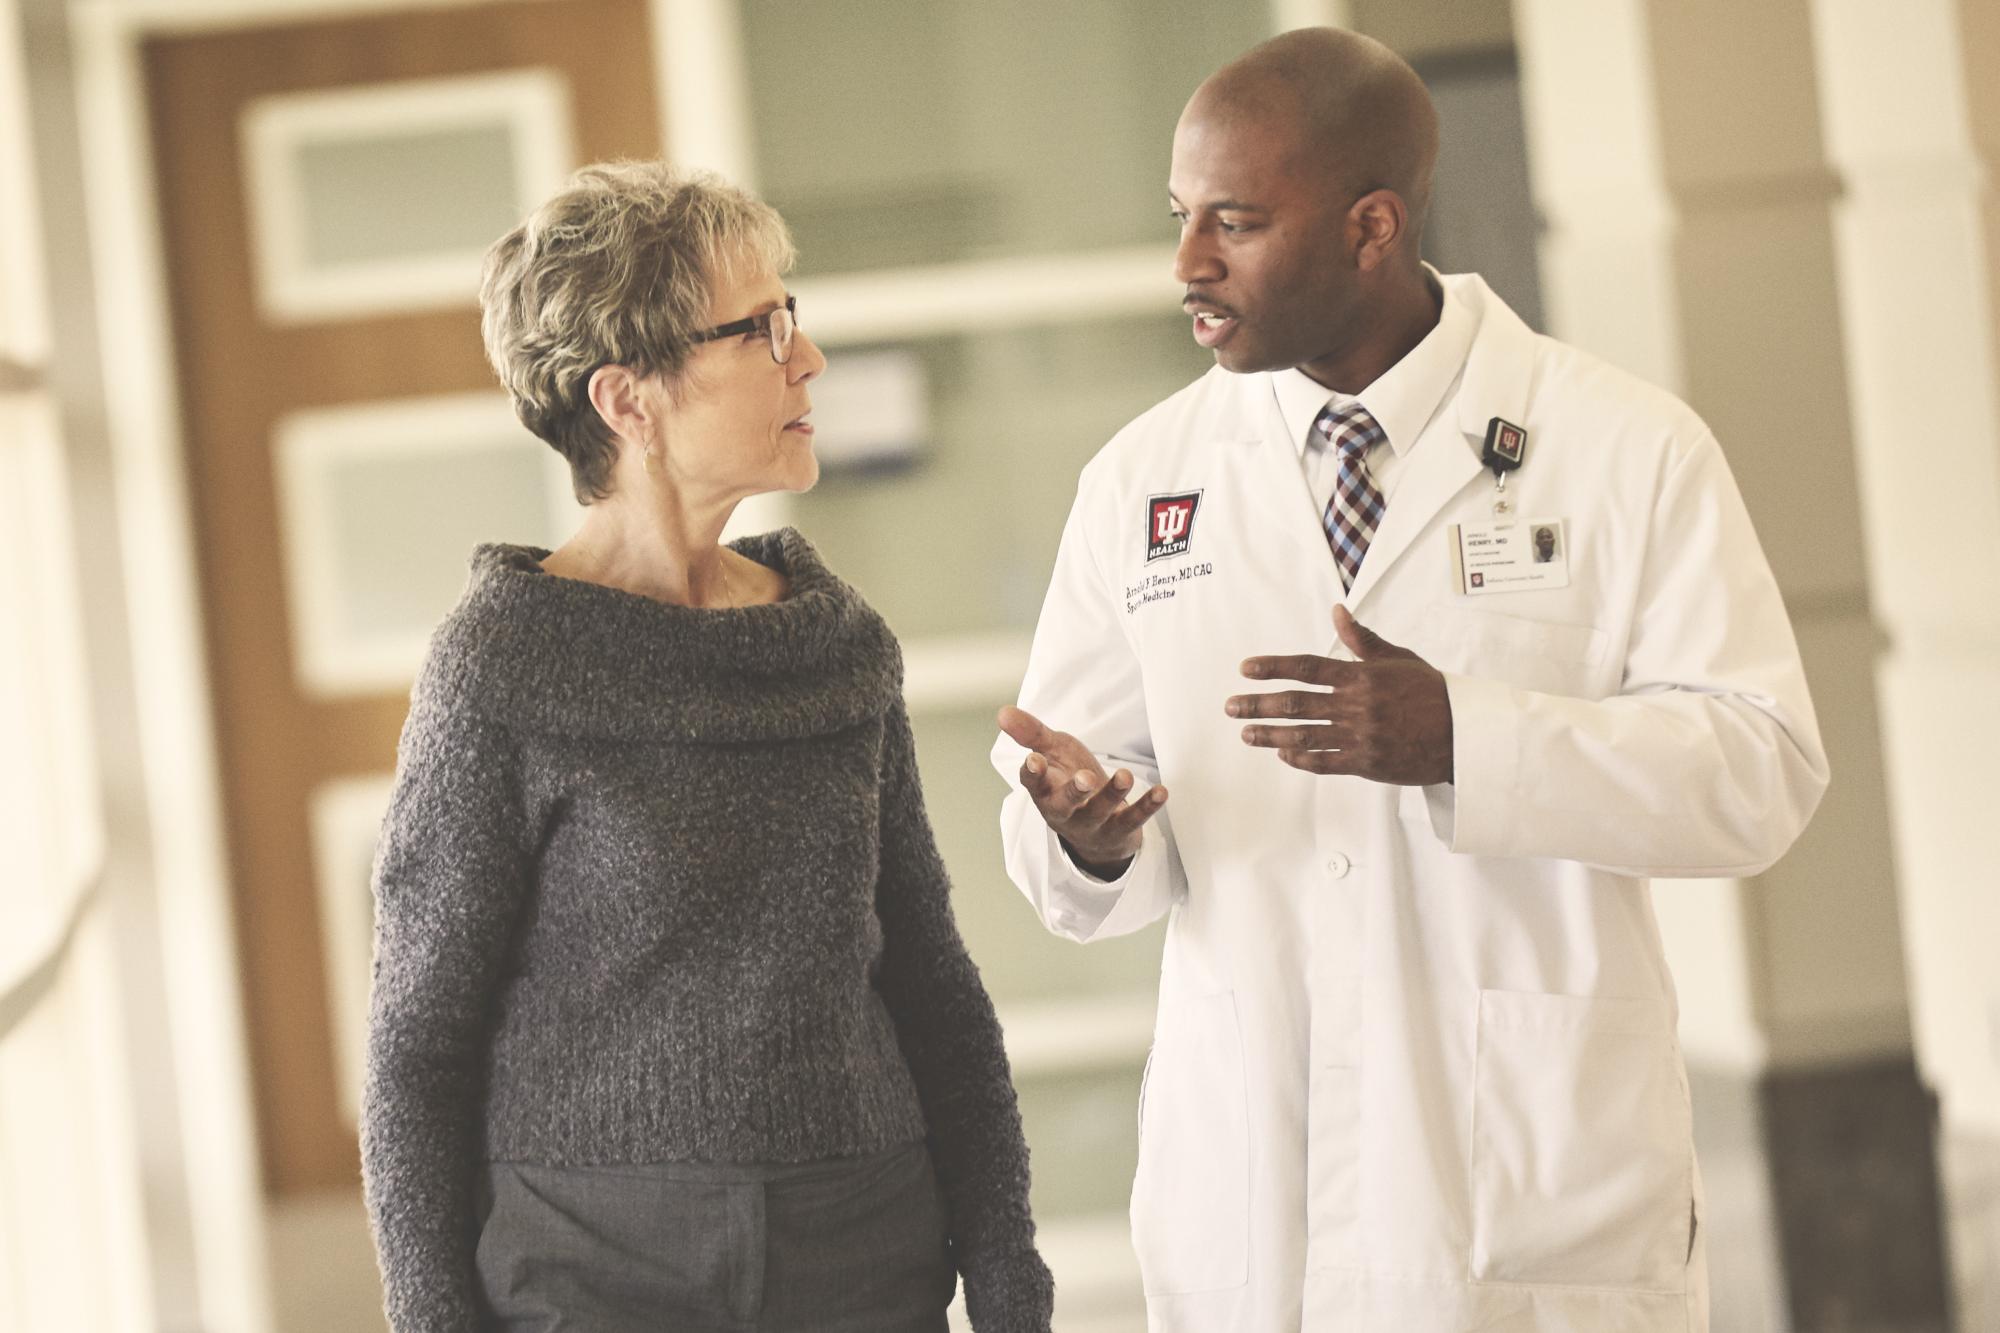 Indiana's top doctors practice at IU Health.